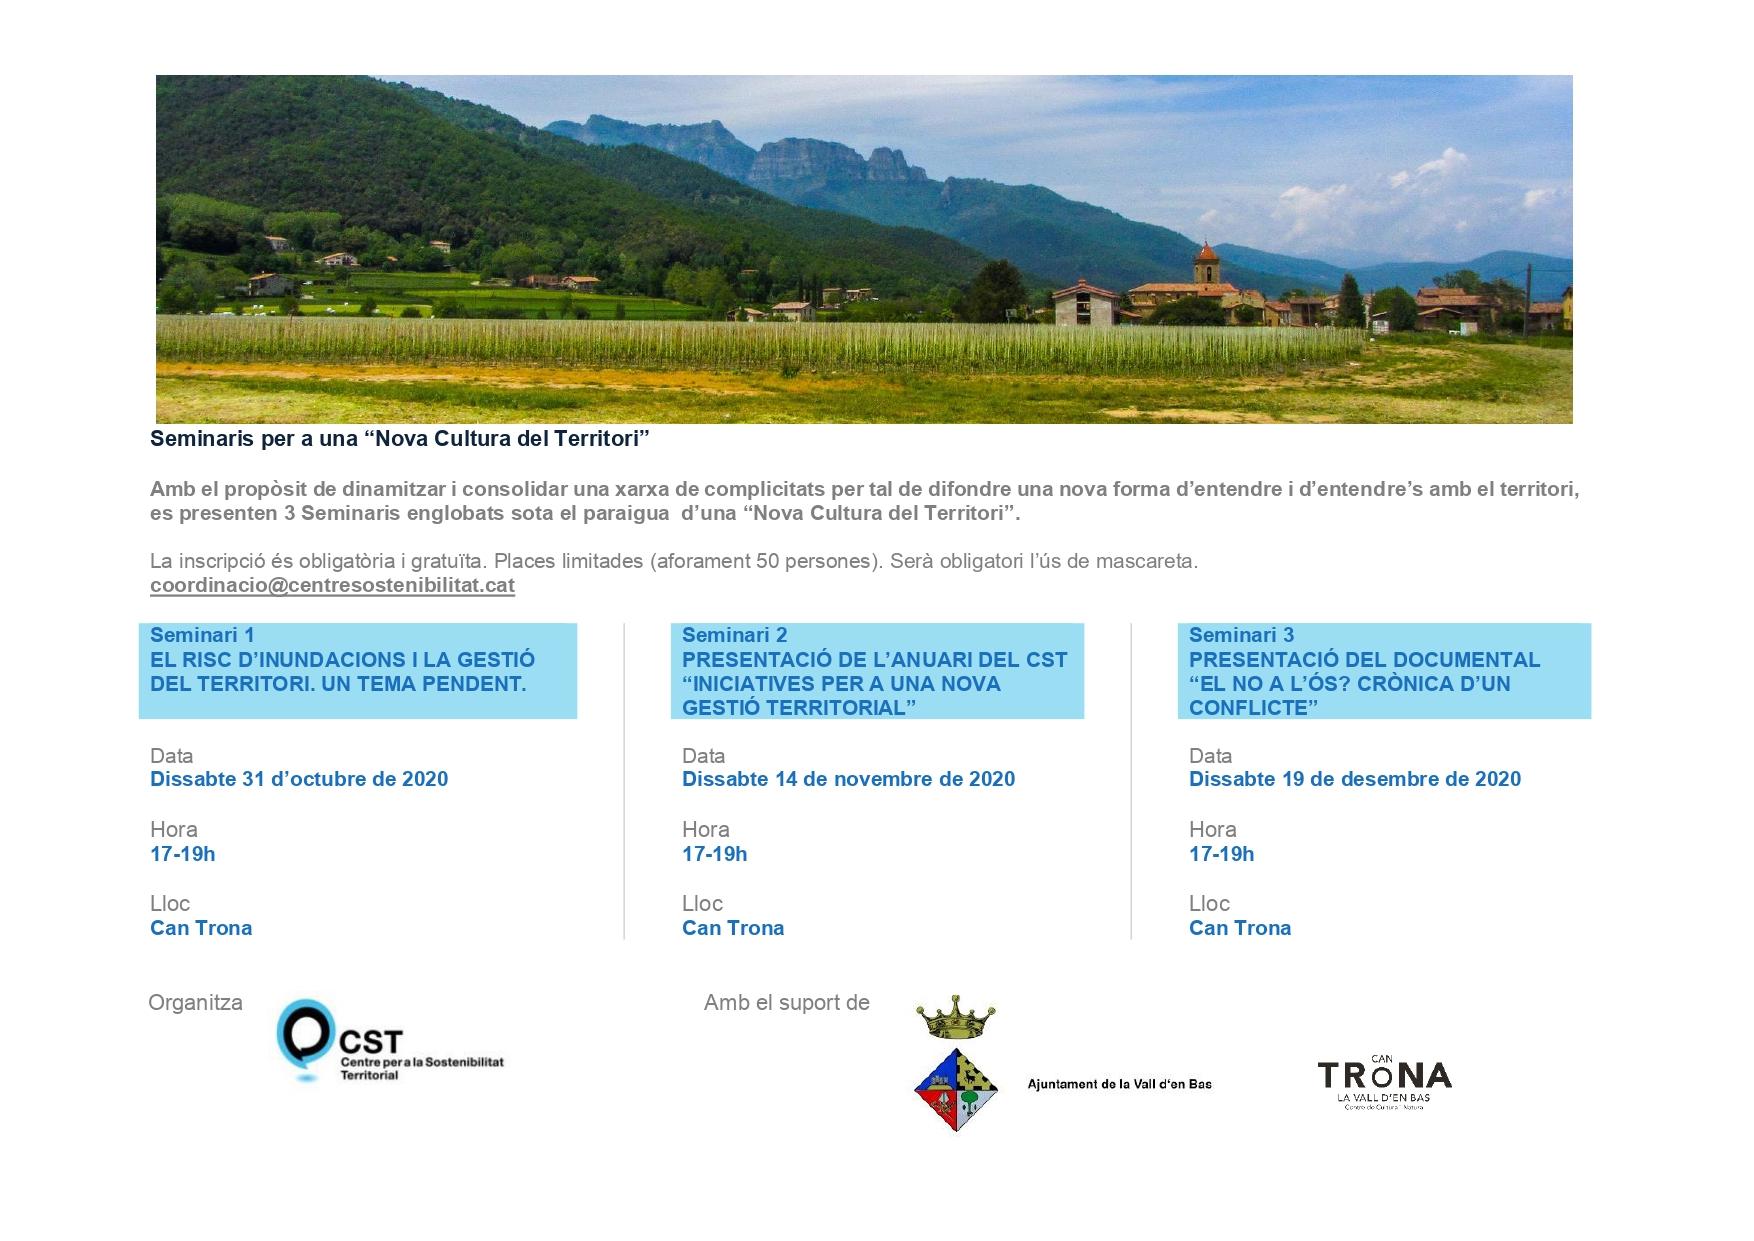 Seminaris per a una Nova Cultura del Territori, a la Vall d'en Bas.